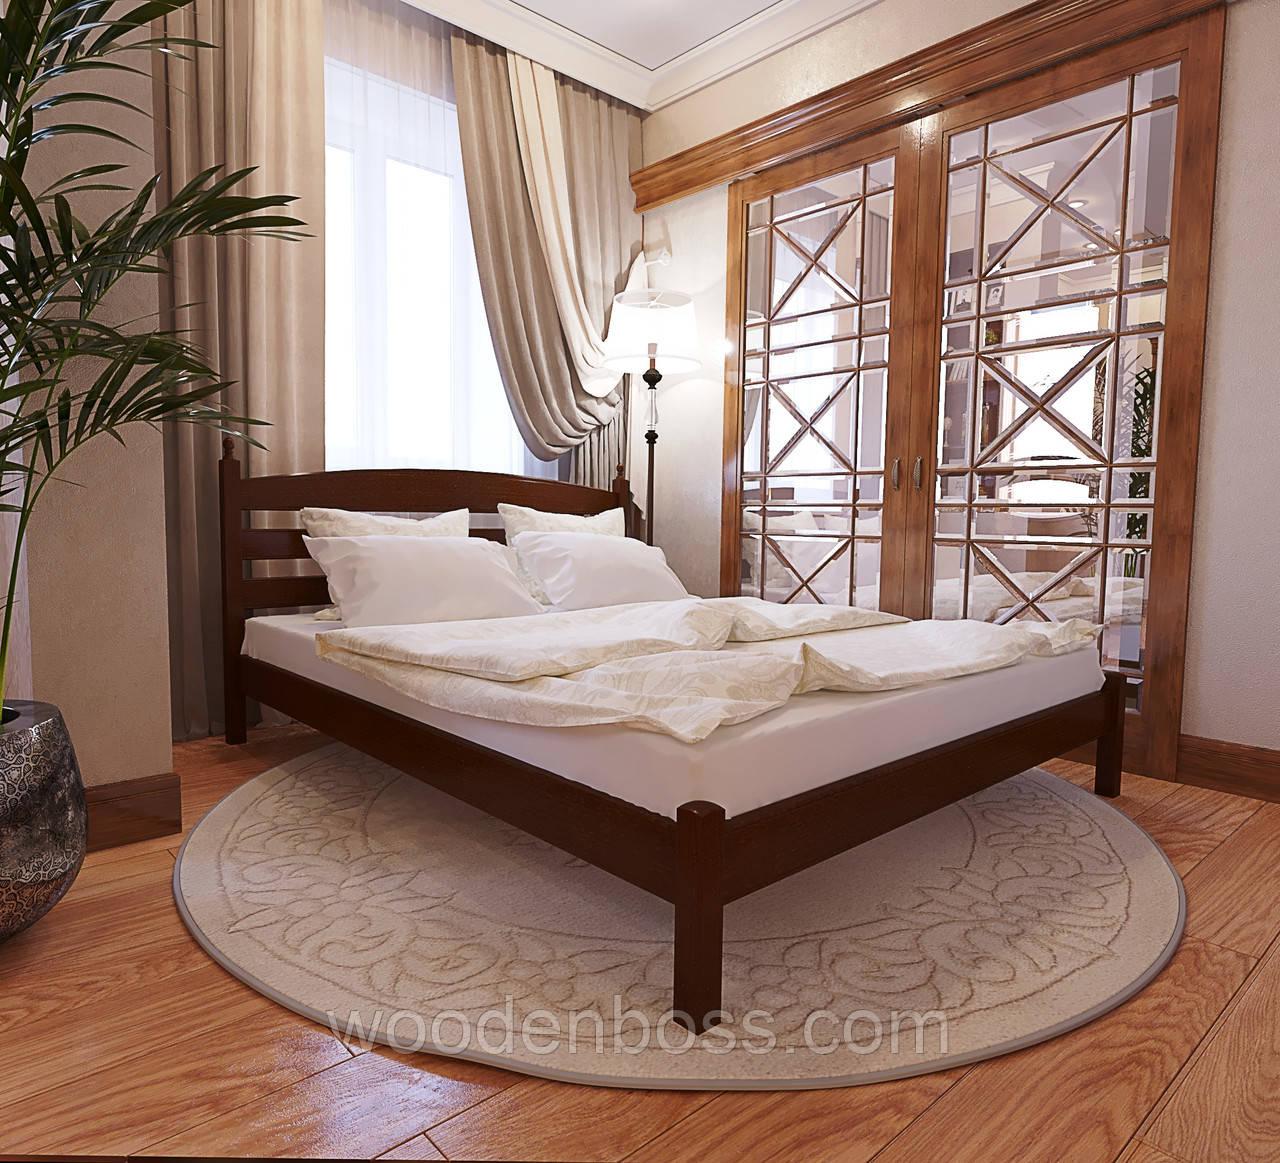 """Кровать полуторная от """"Wooden Boss"""" Классик (спальное место 140х190/200)"""